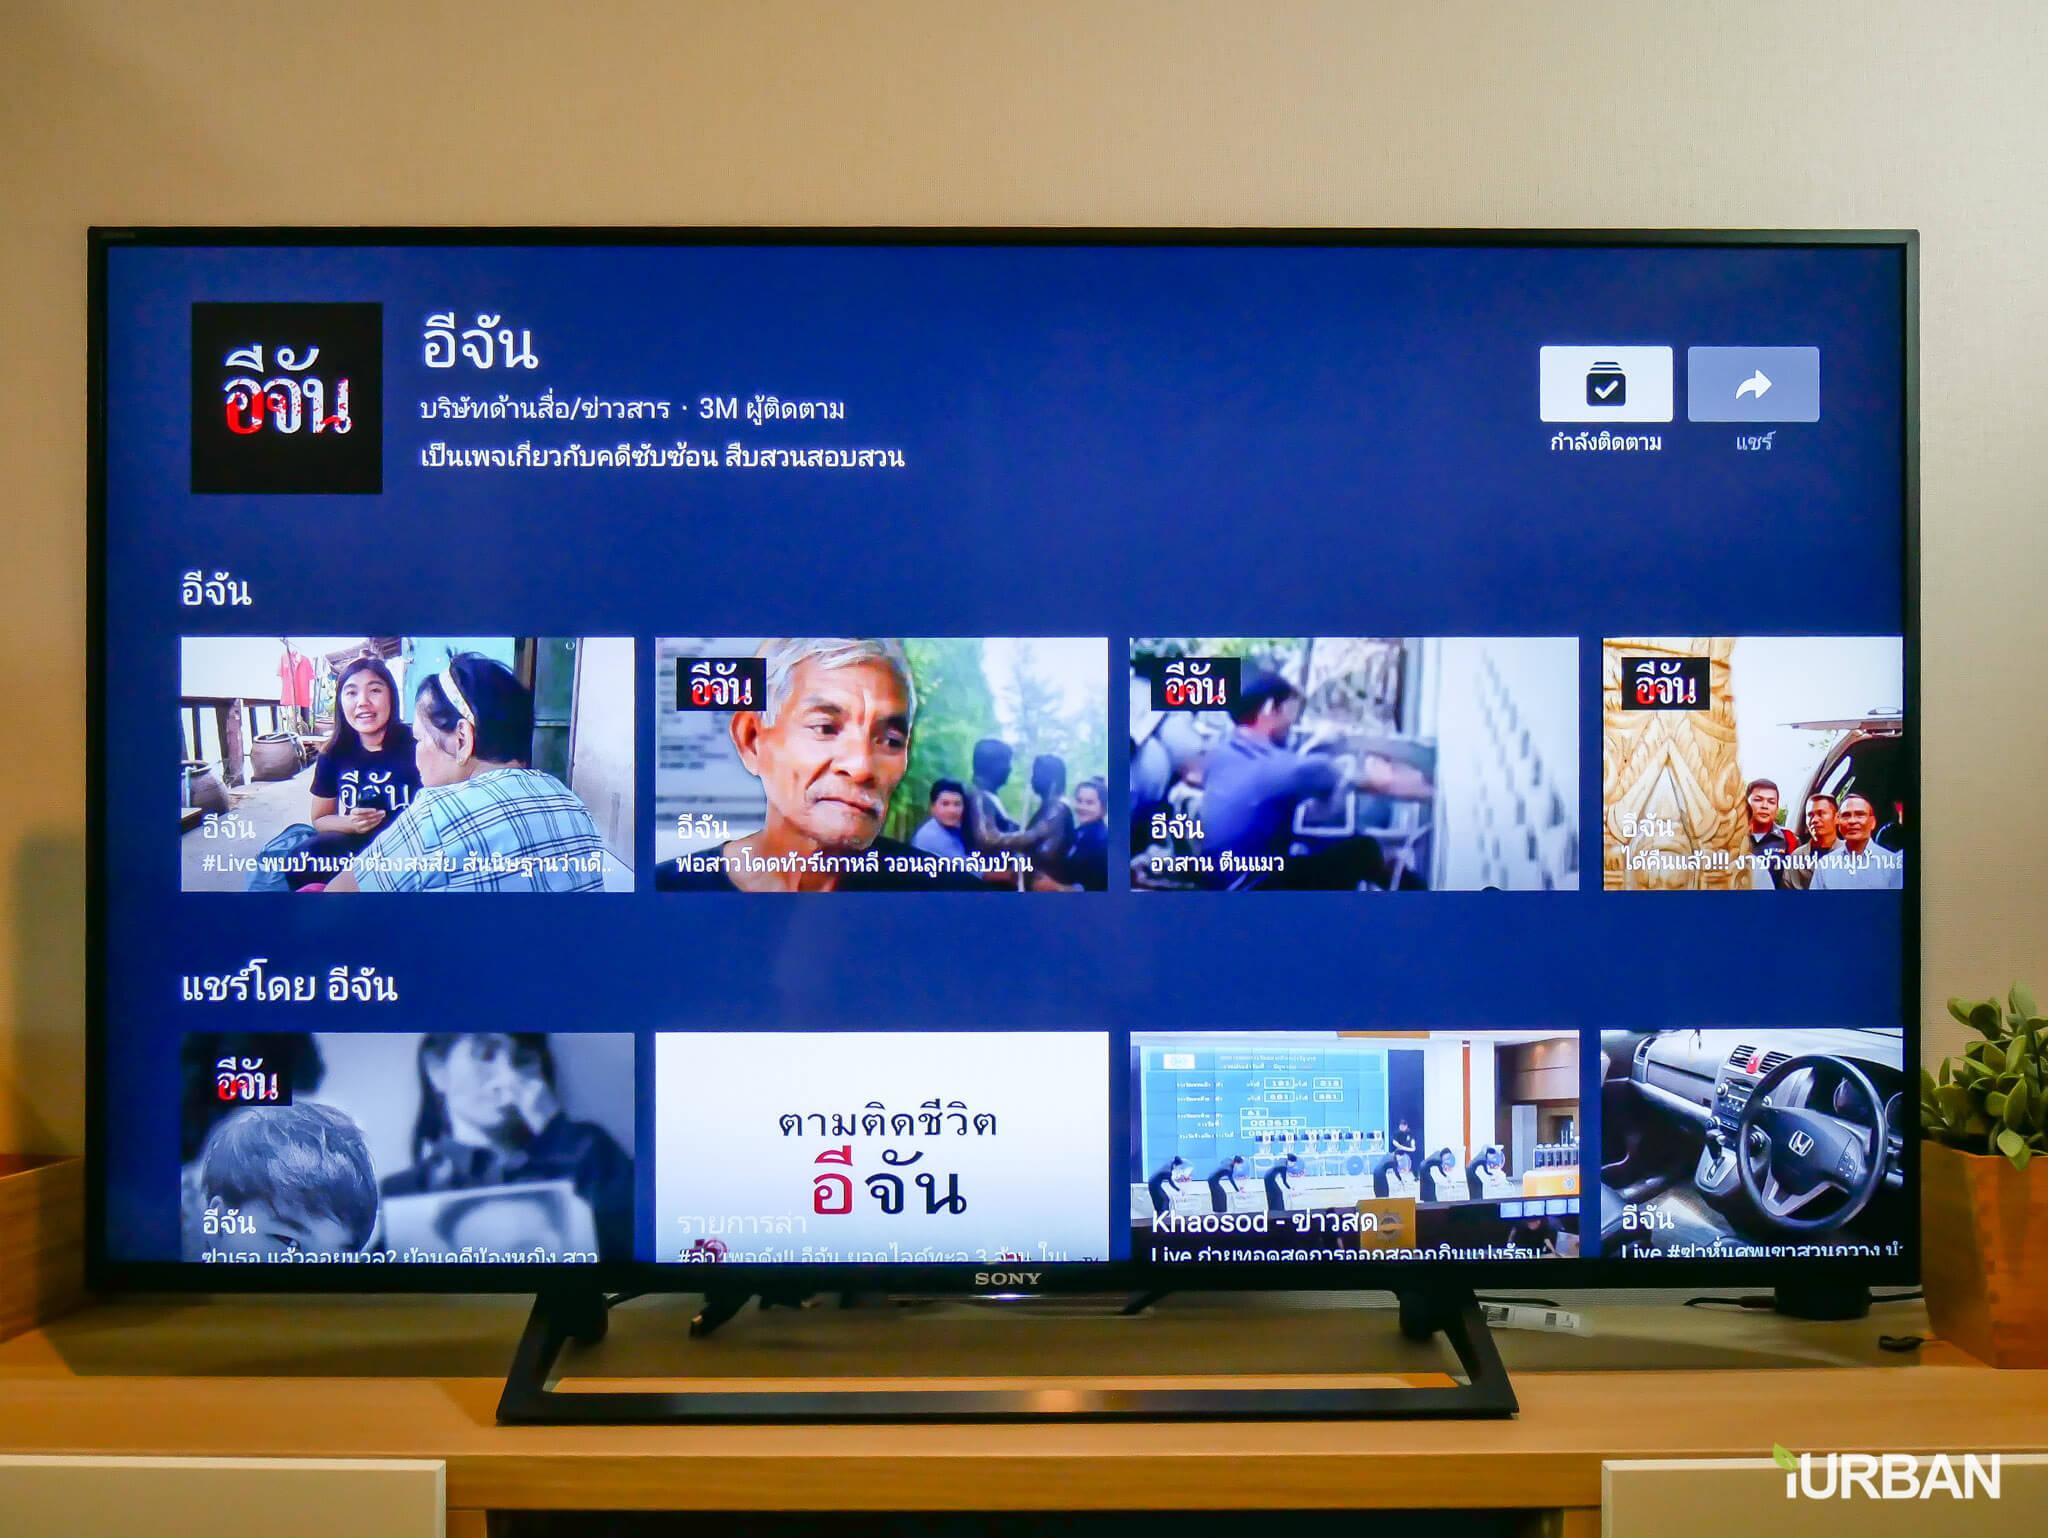 รีวิว SONY Android TV รุ่น X8000E งบ 26,990 แต่สเปค 4K HDR เชื่อมโลก Social กับทีวีอย่างสมบูรณ์แบบ 60 - Android